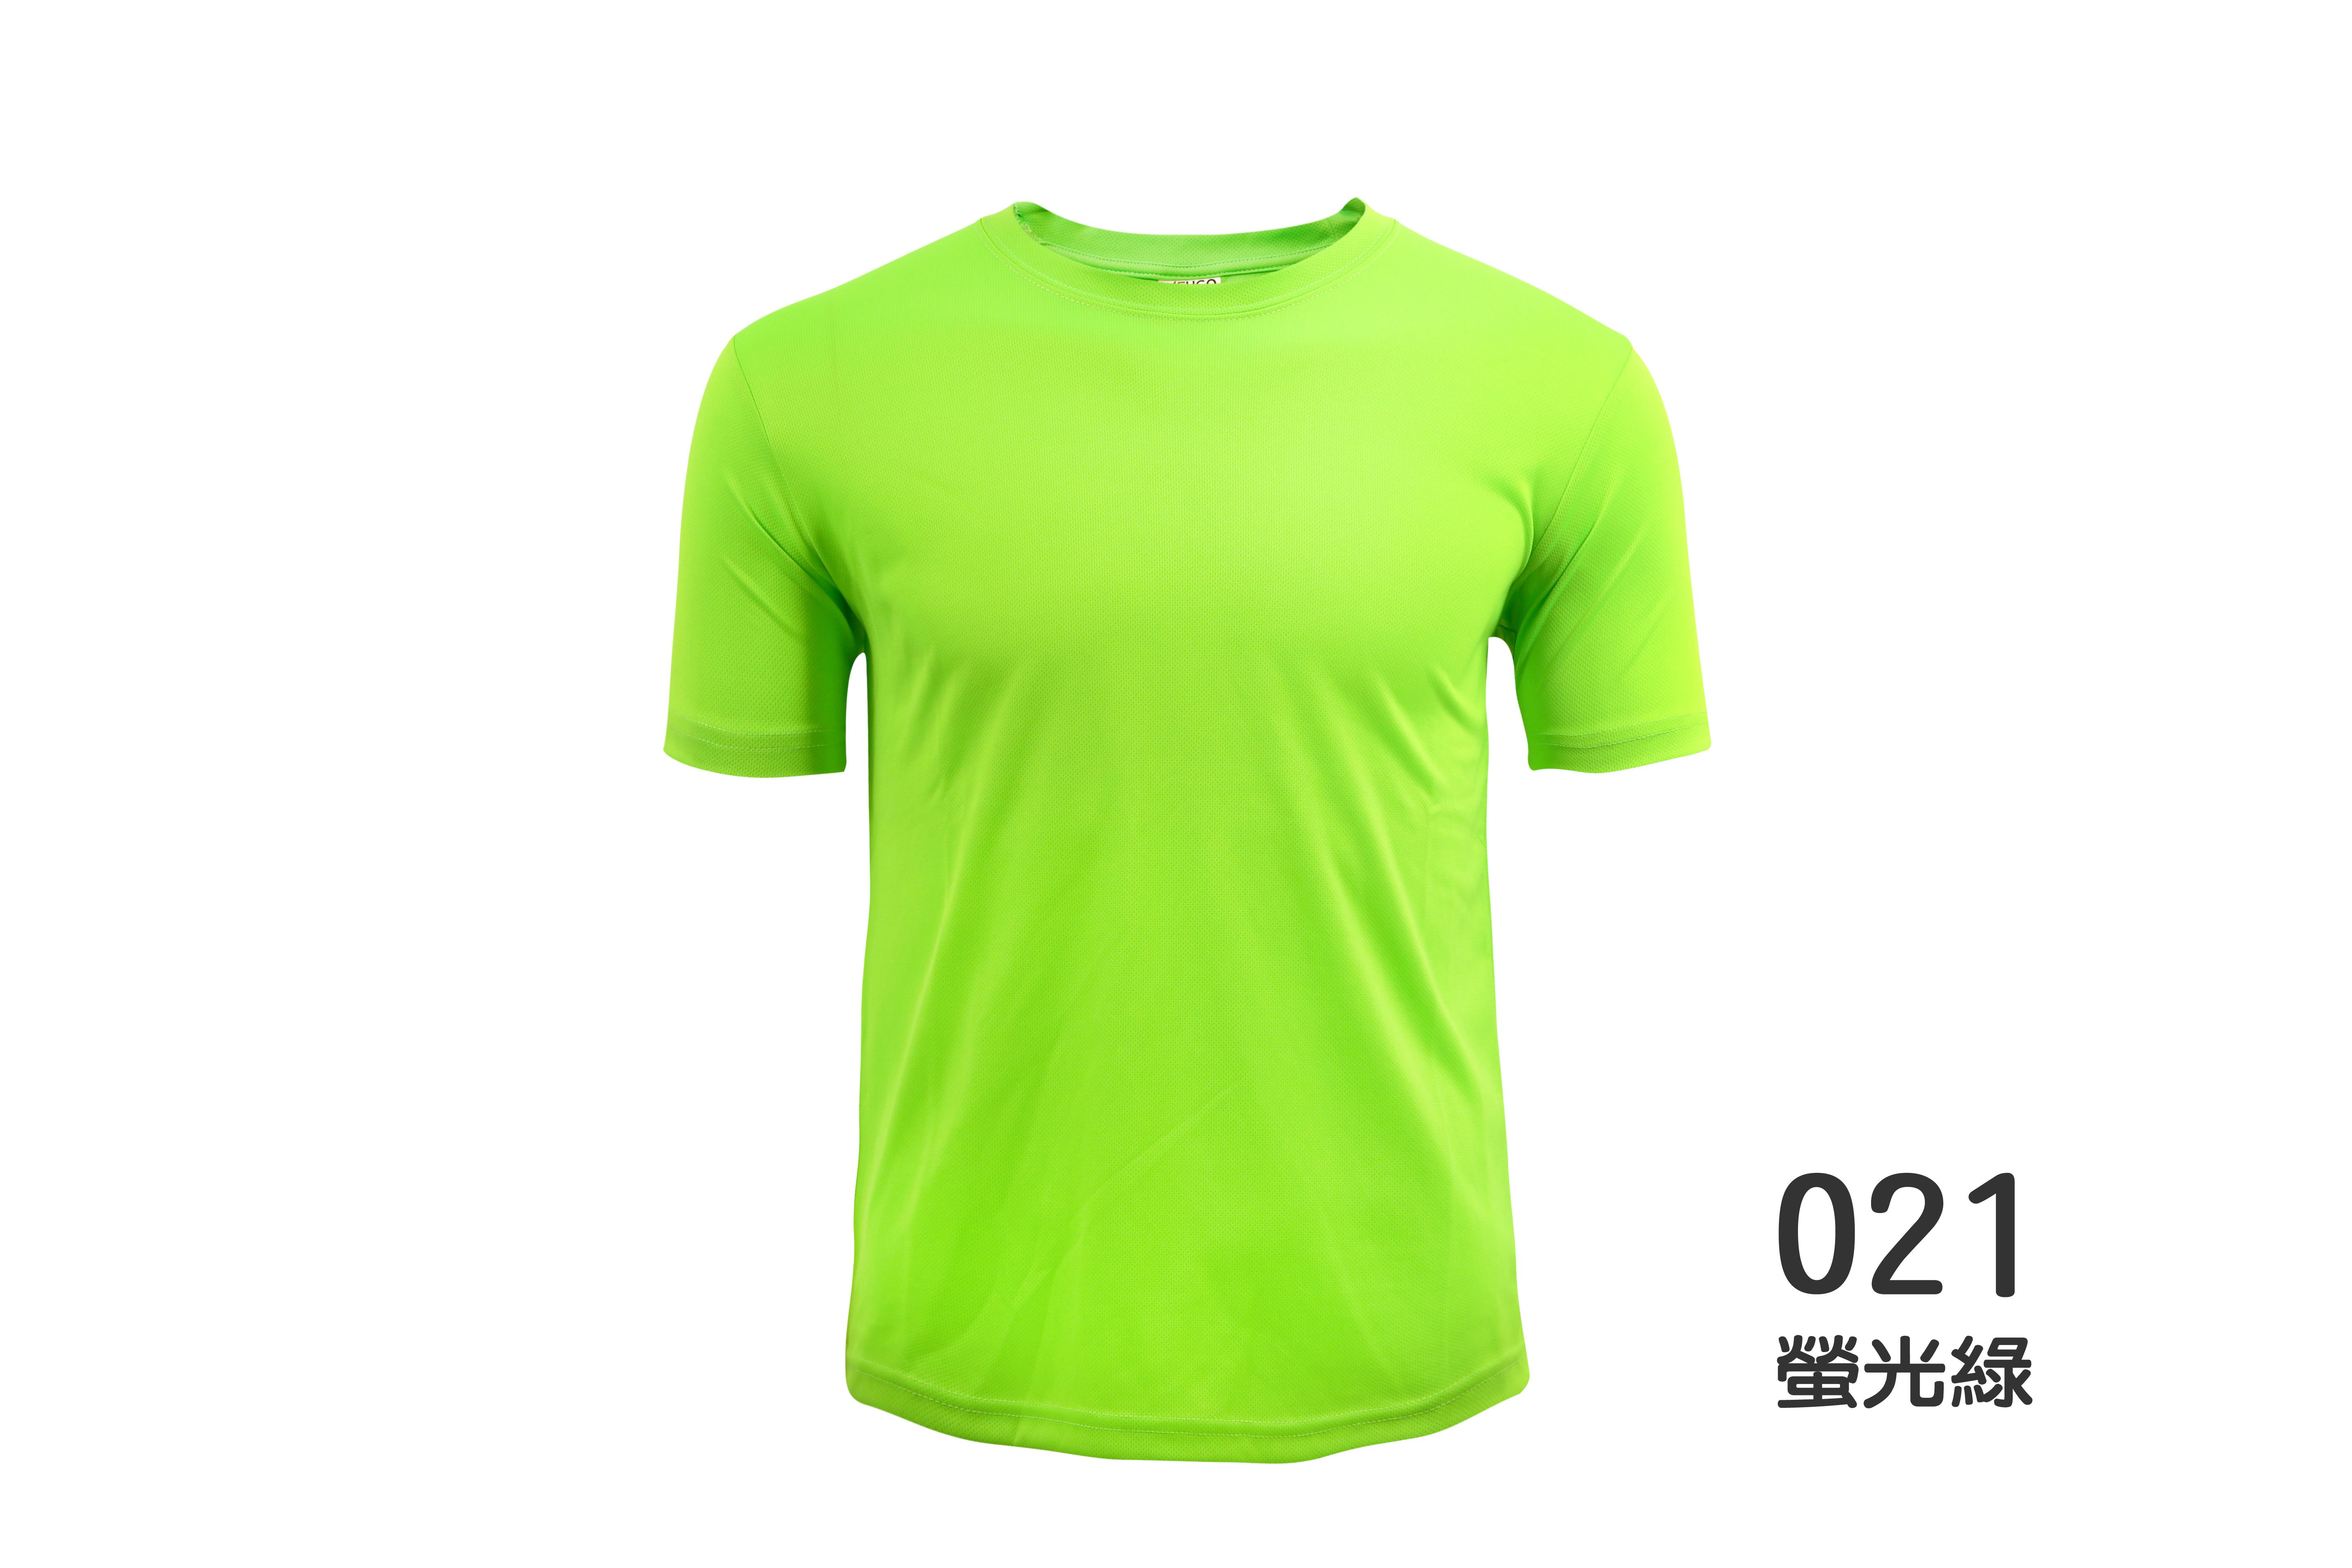 021螢光綠-1-01